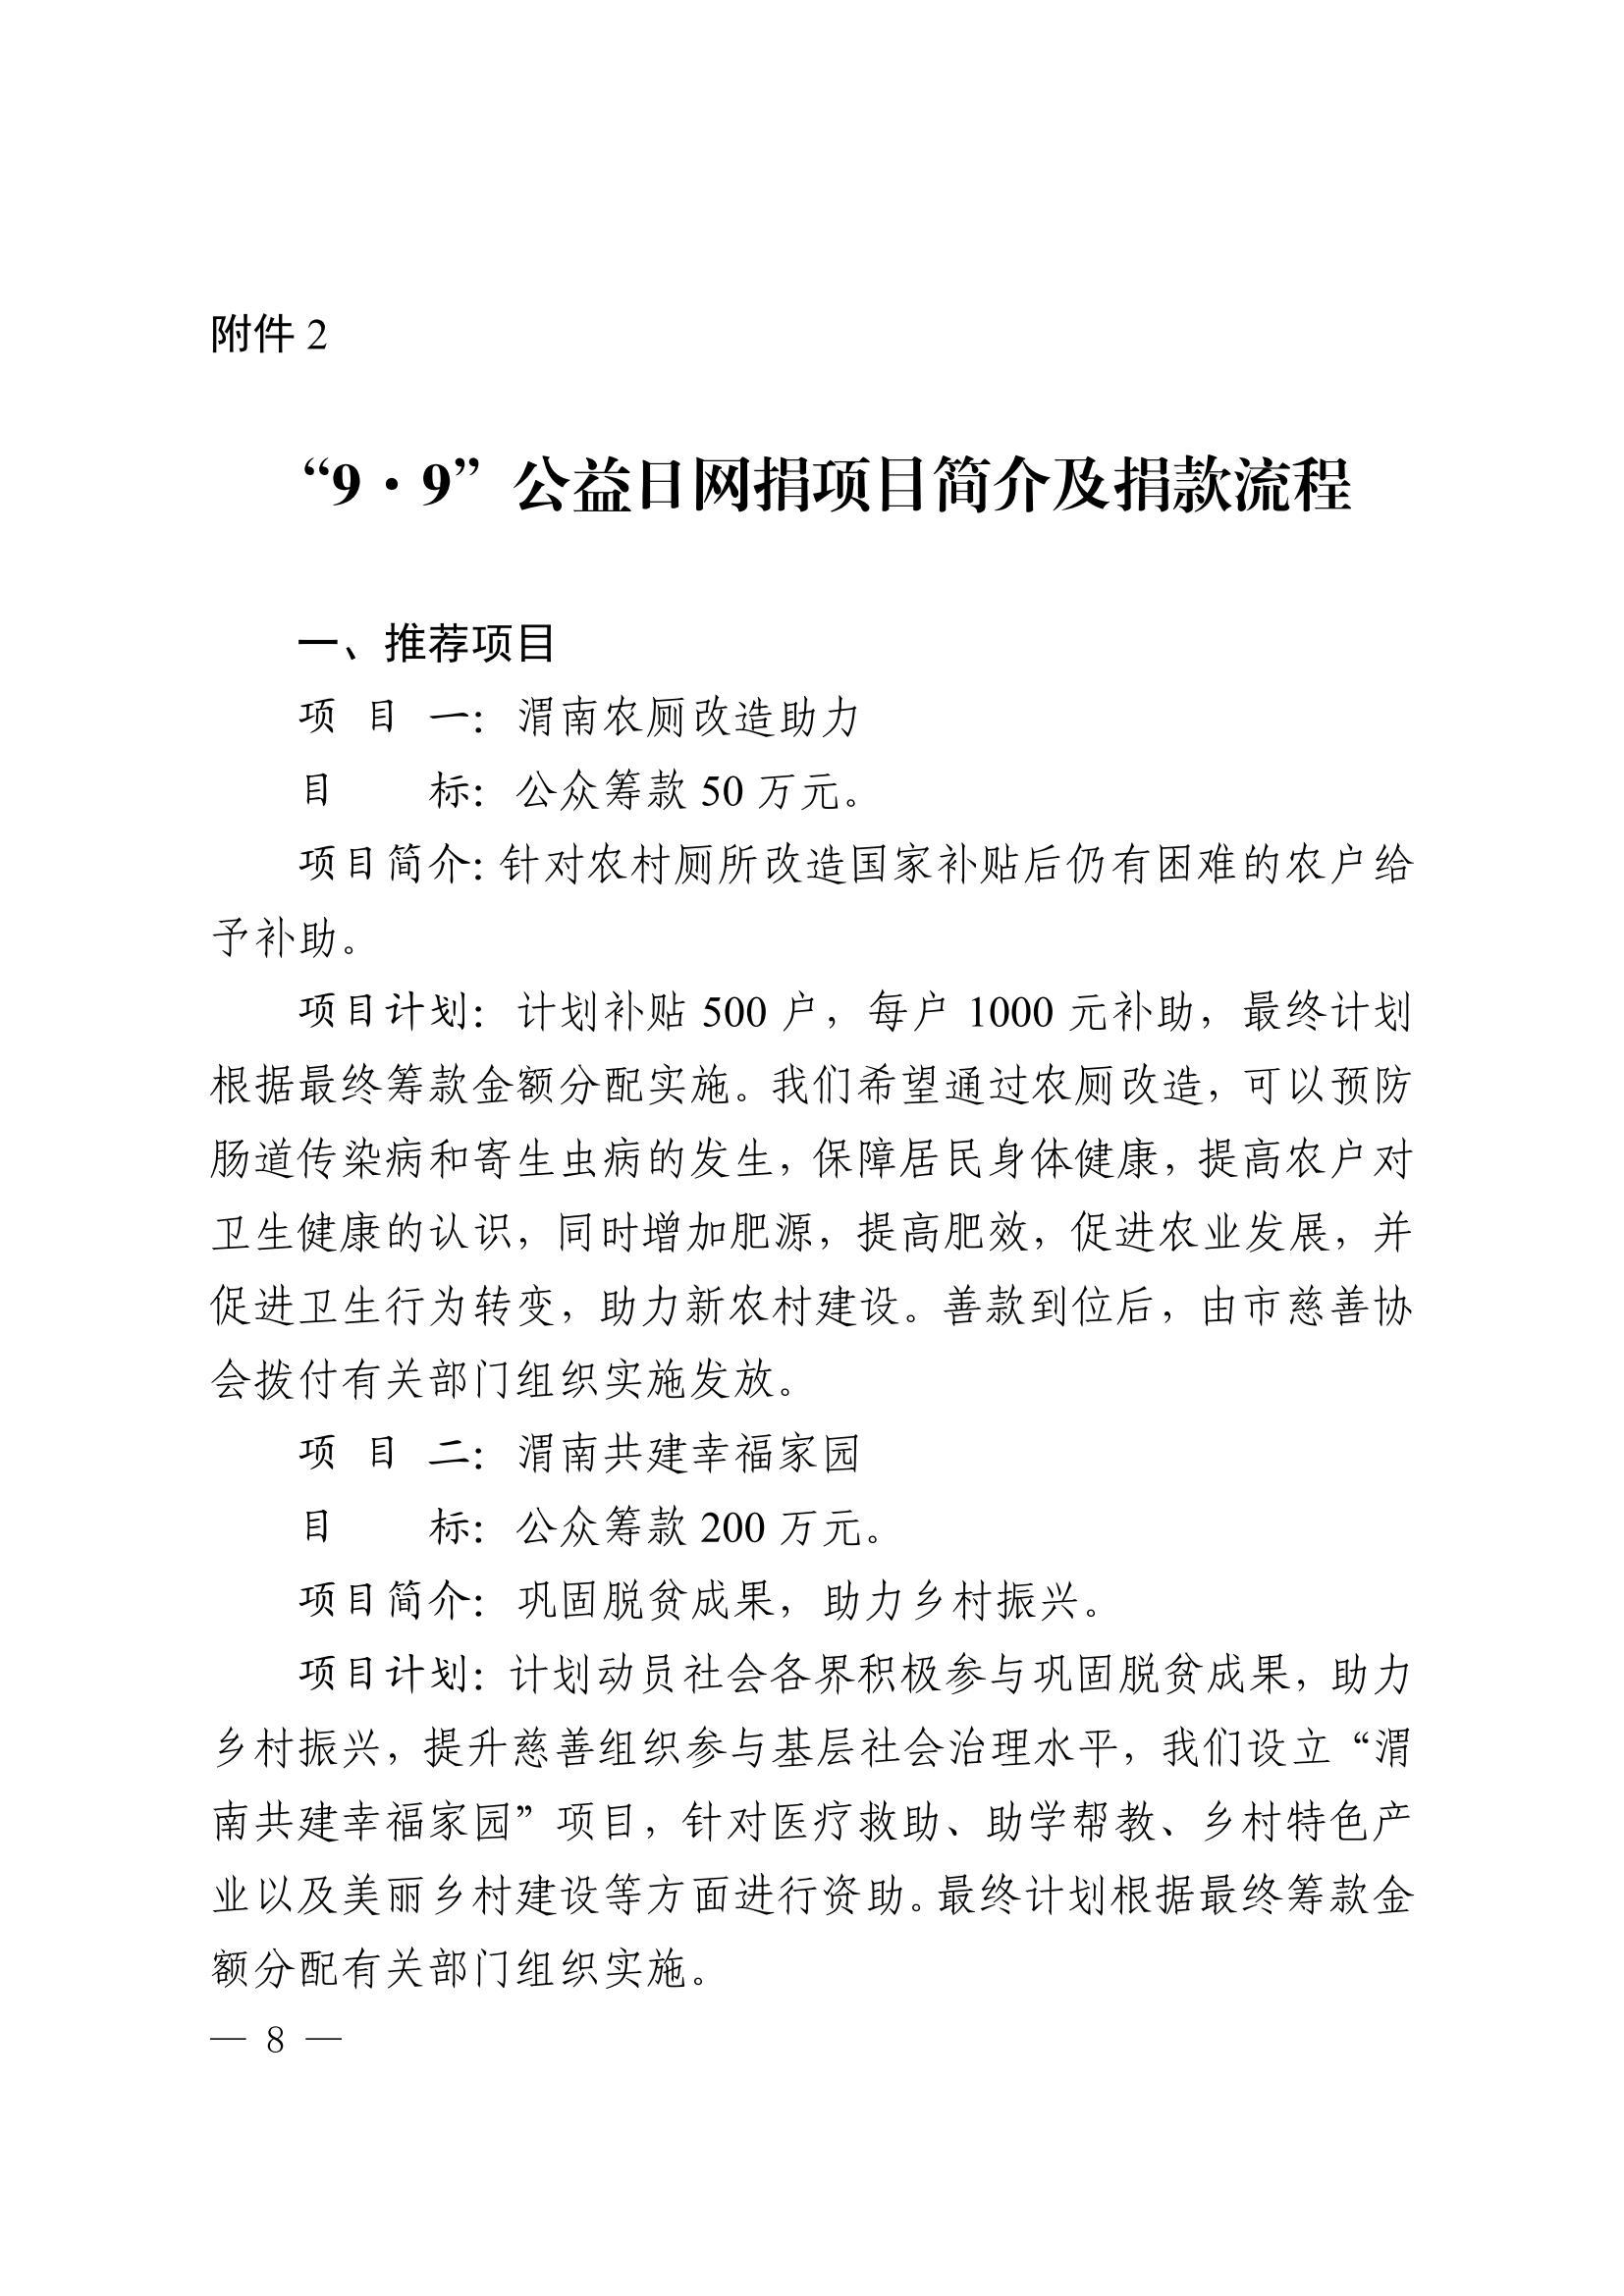 联合发文〔2021〕号-市直9·5献爱心慈善募捐(2)_07.jpg